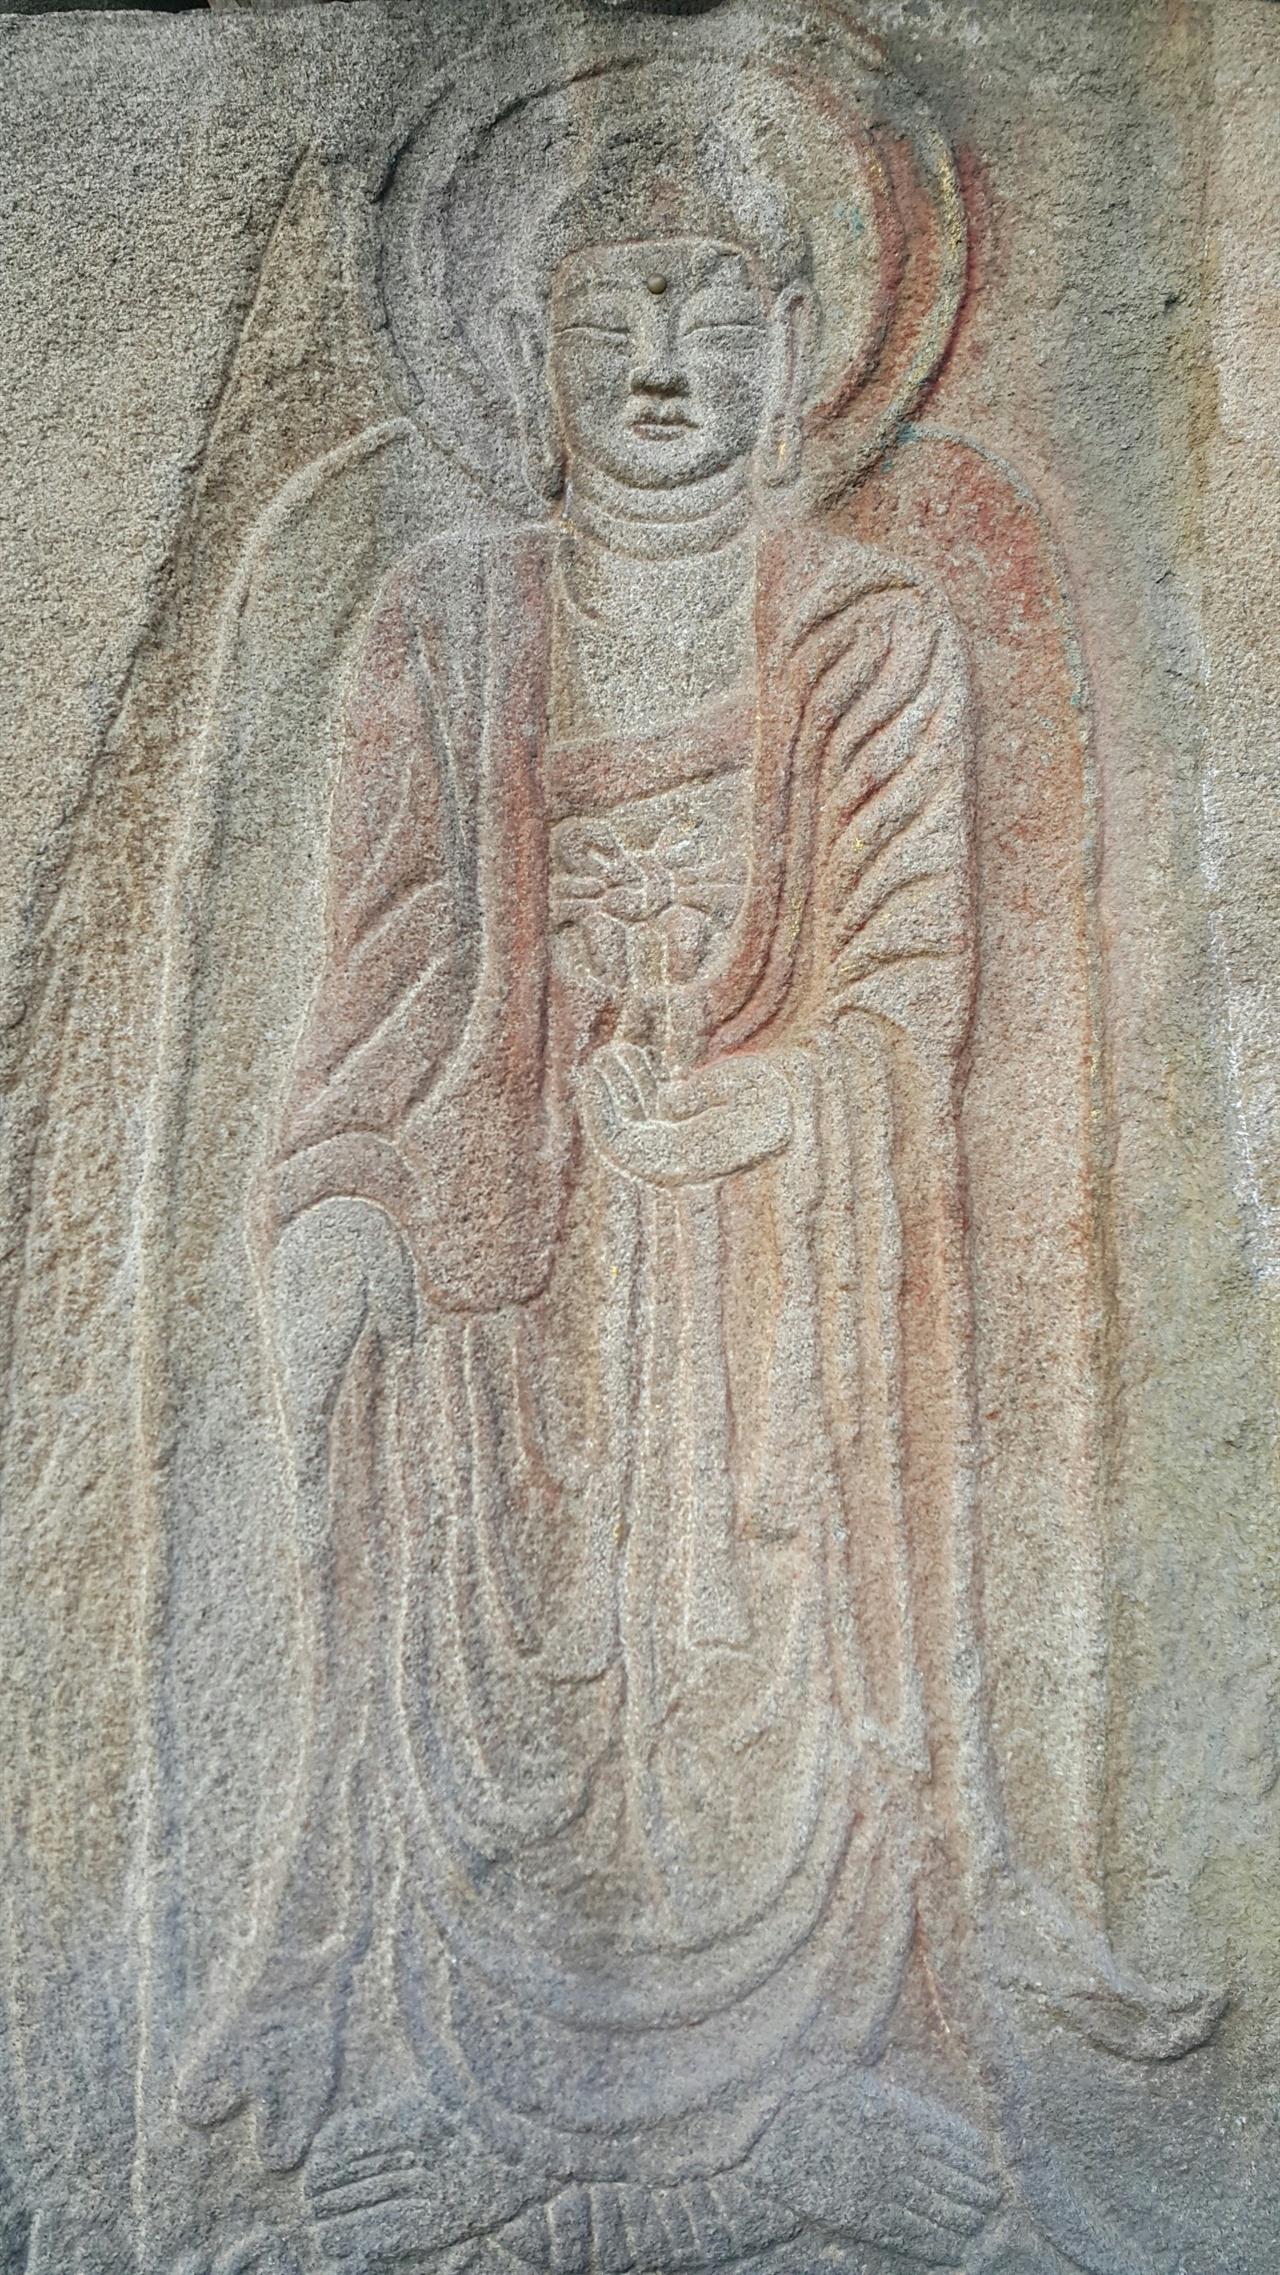 삼천사지마애여래입상 보물 제657호.  편편한 바위 면에 얕게 부조되어 있으며 융기선을 따라 금분을 칠한 흔적이 남아있다.